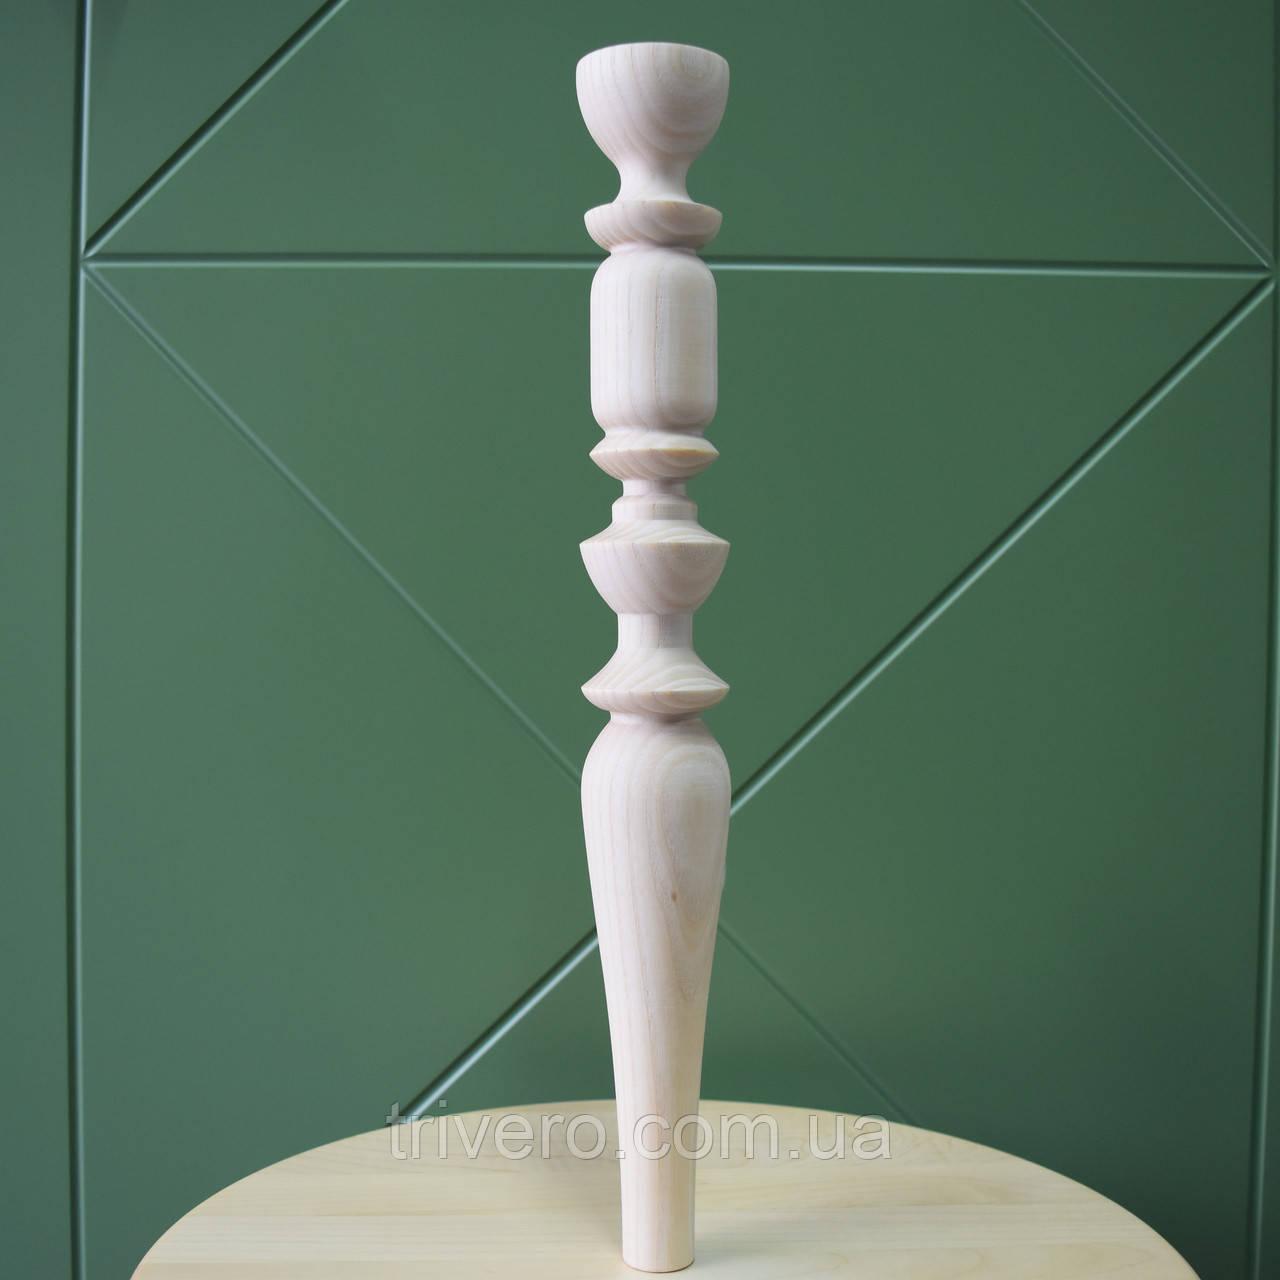 Тонкие точеные ножки и опоры для консоли из дерева